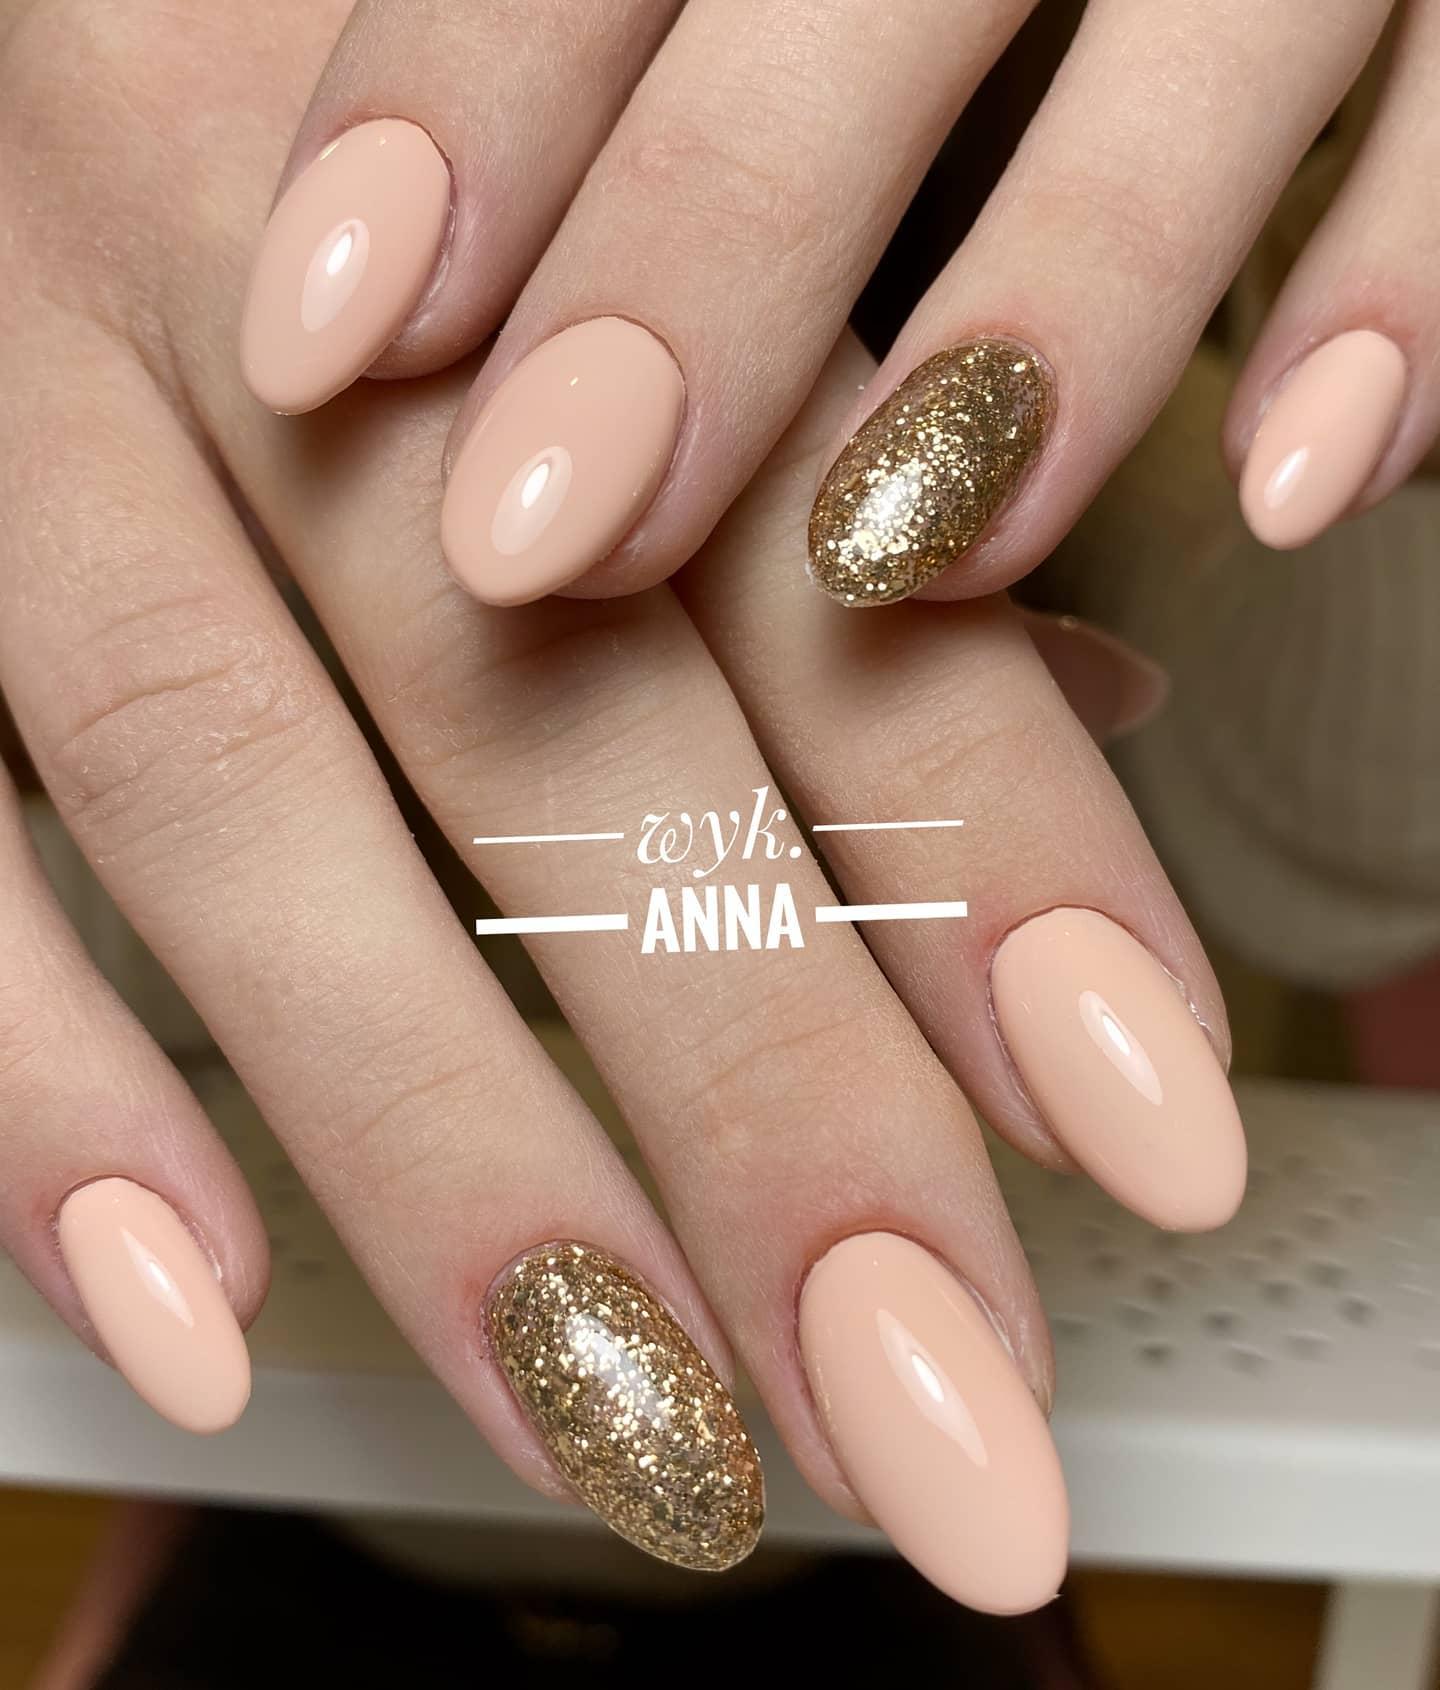 Manicure hybrydowy białołęka paznokcie w kolorze jasnobrązowym ze złotymi dodatkami